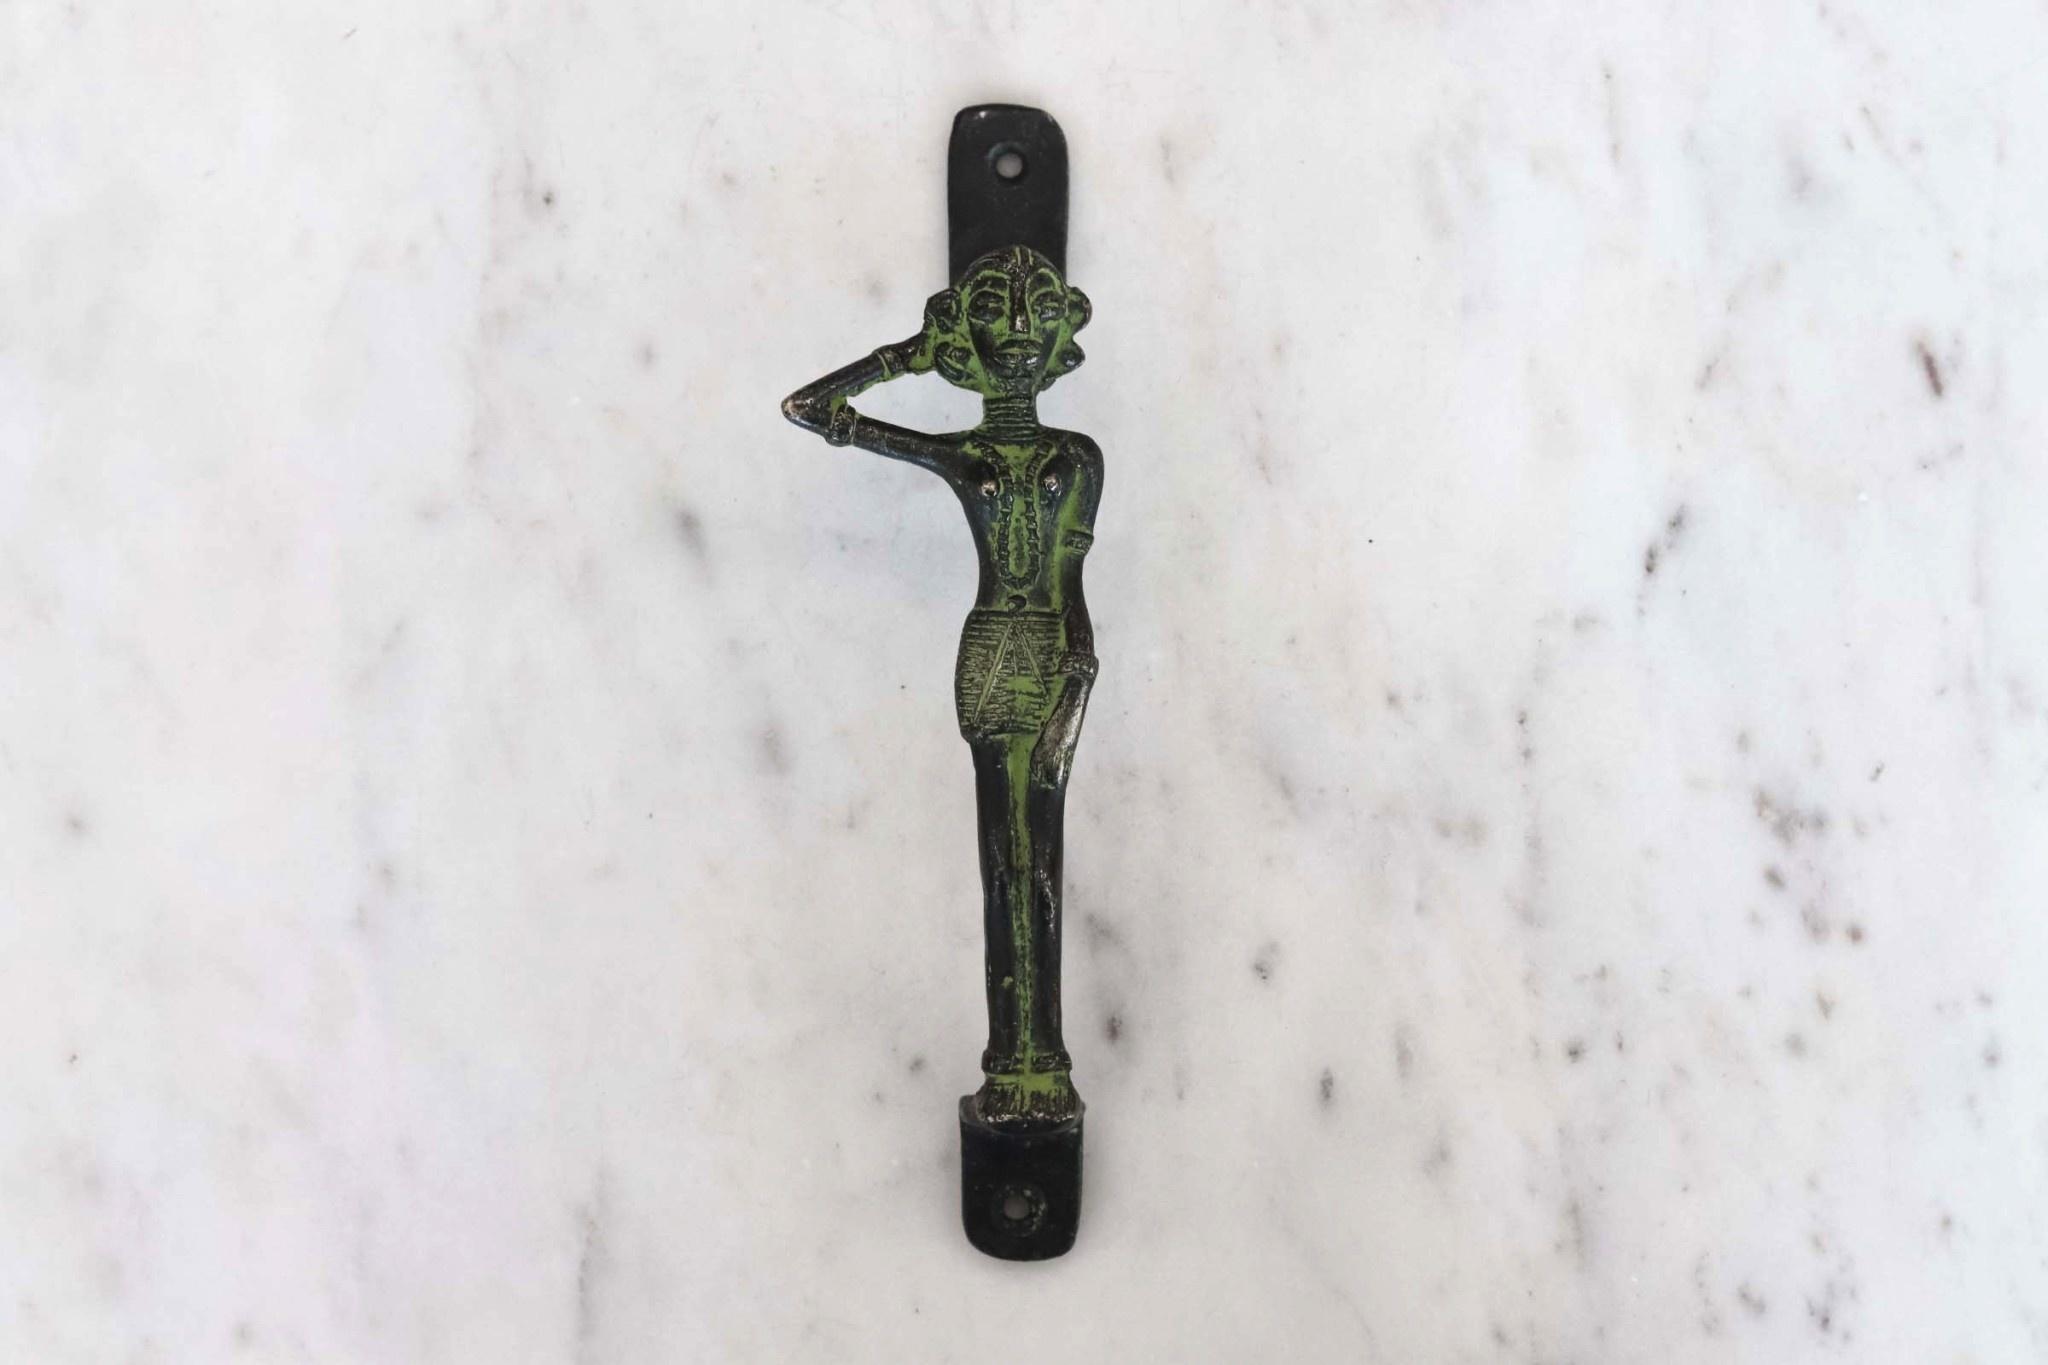 Brass Girl Door Handle from India